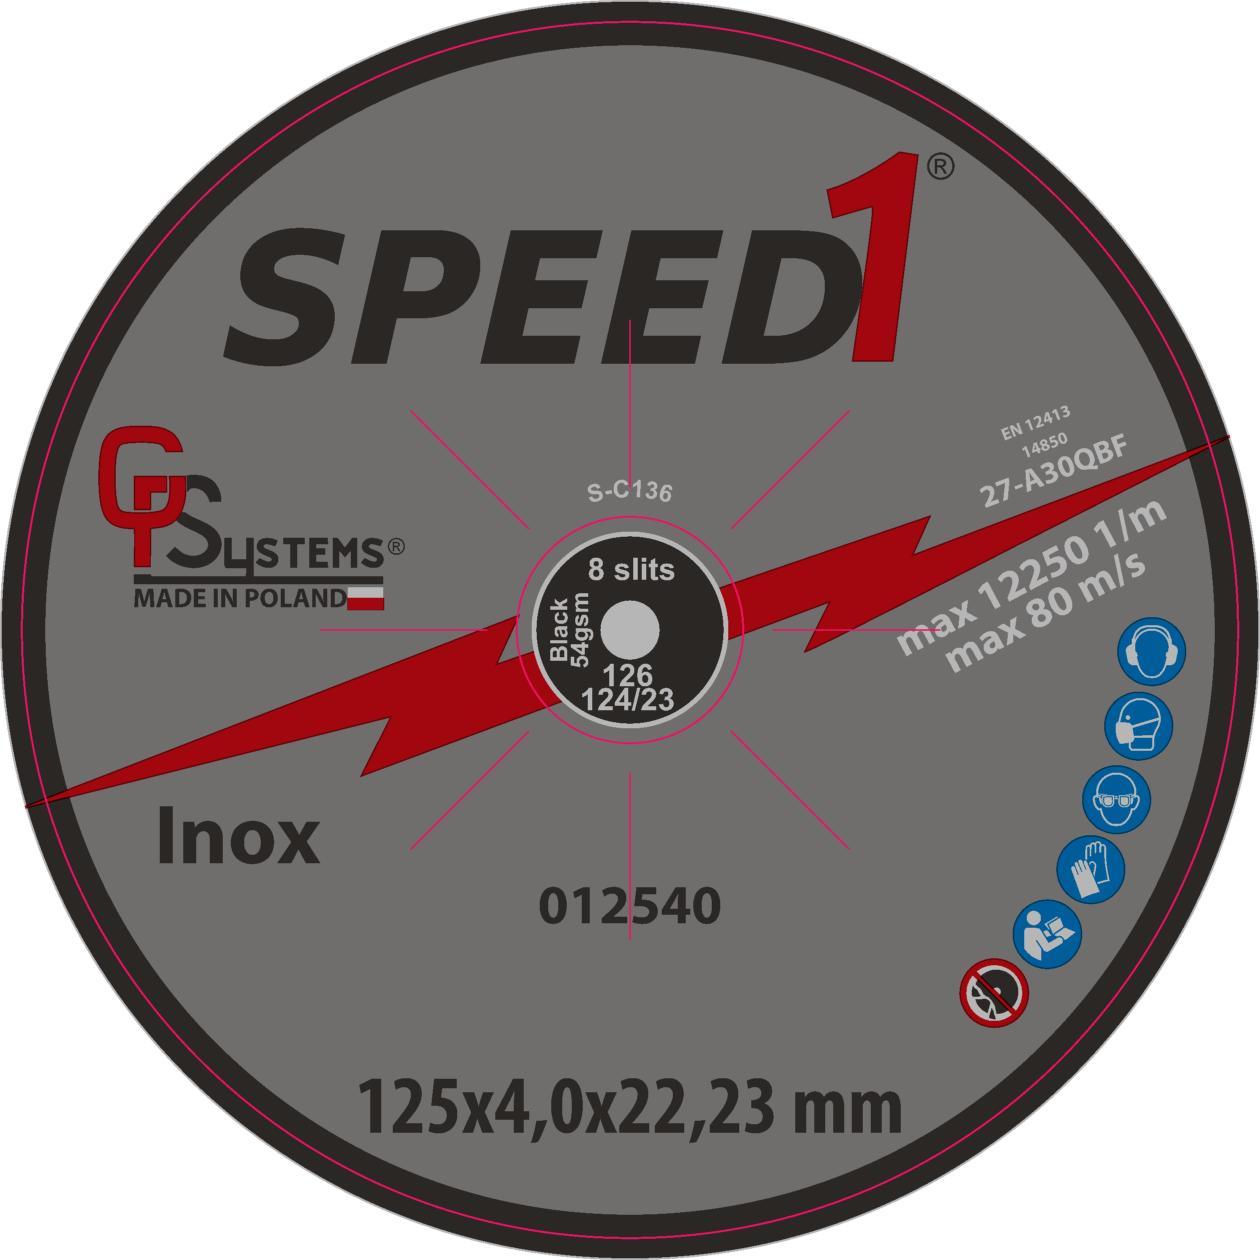 DachHolding gpsystems Speed1 - Tarcza do szlifowania 125x4,0x22,23